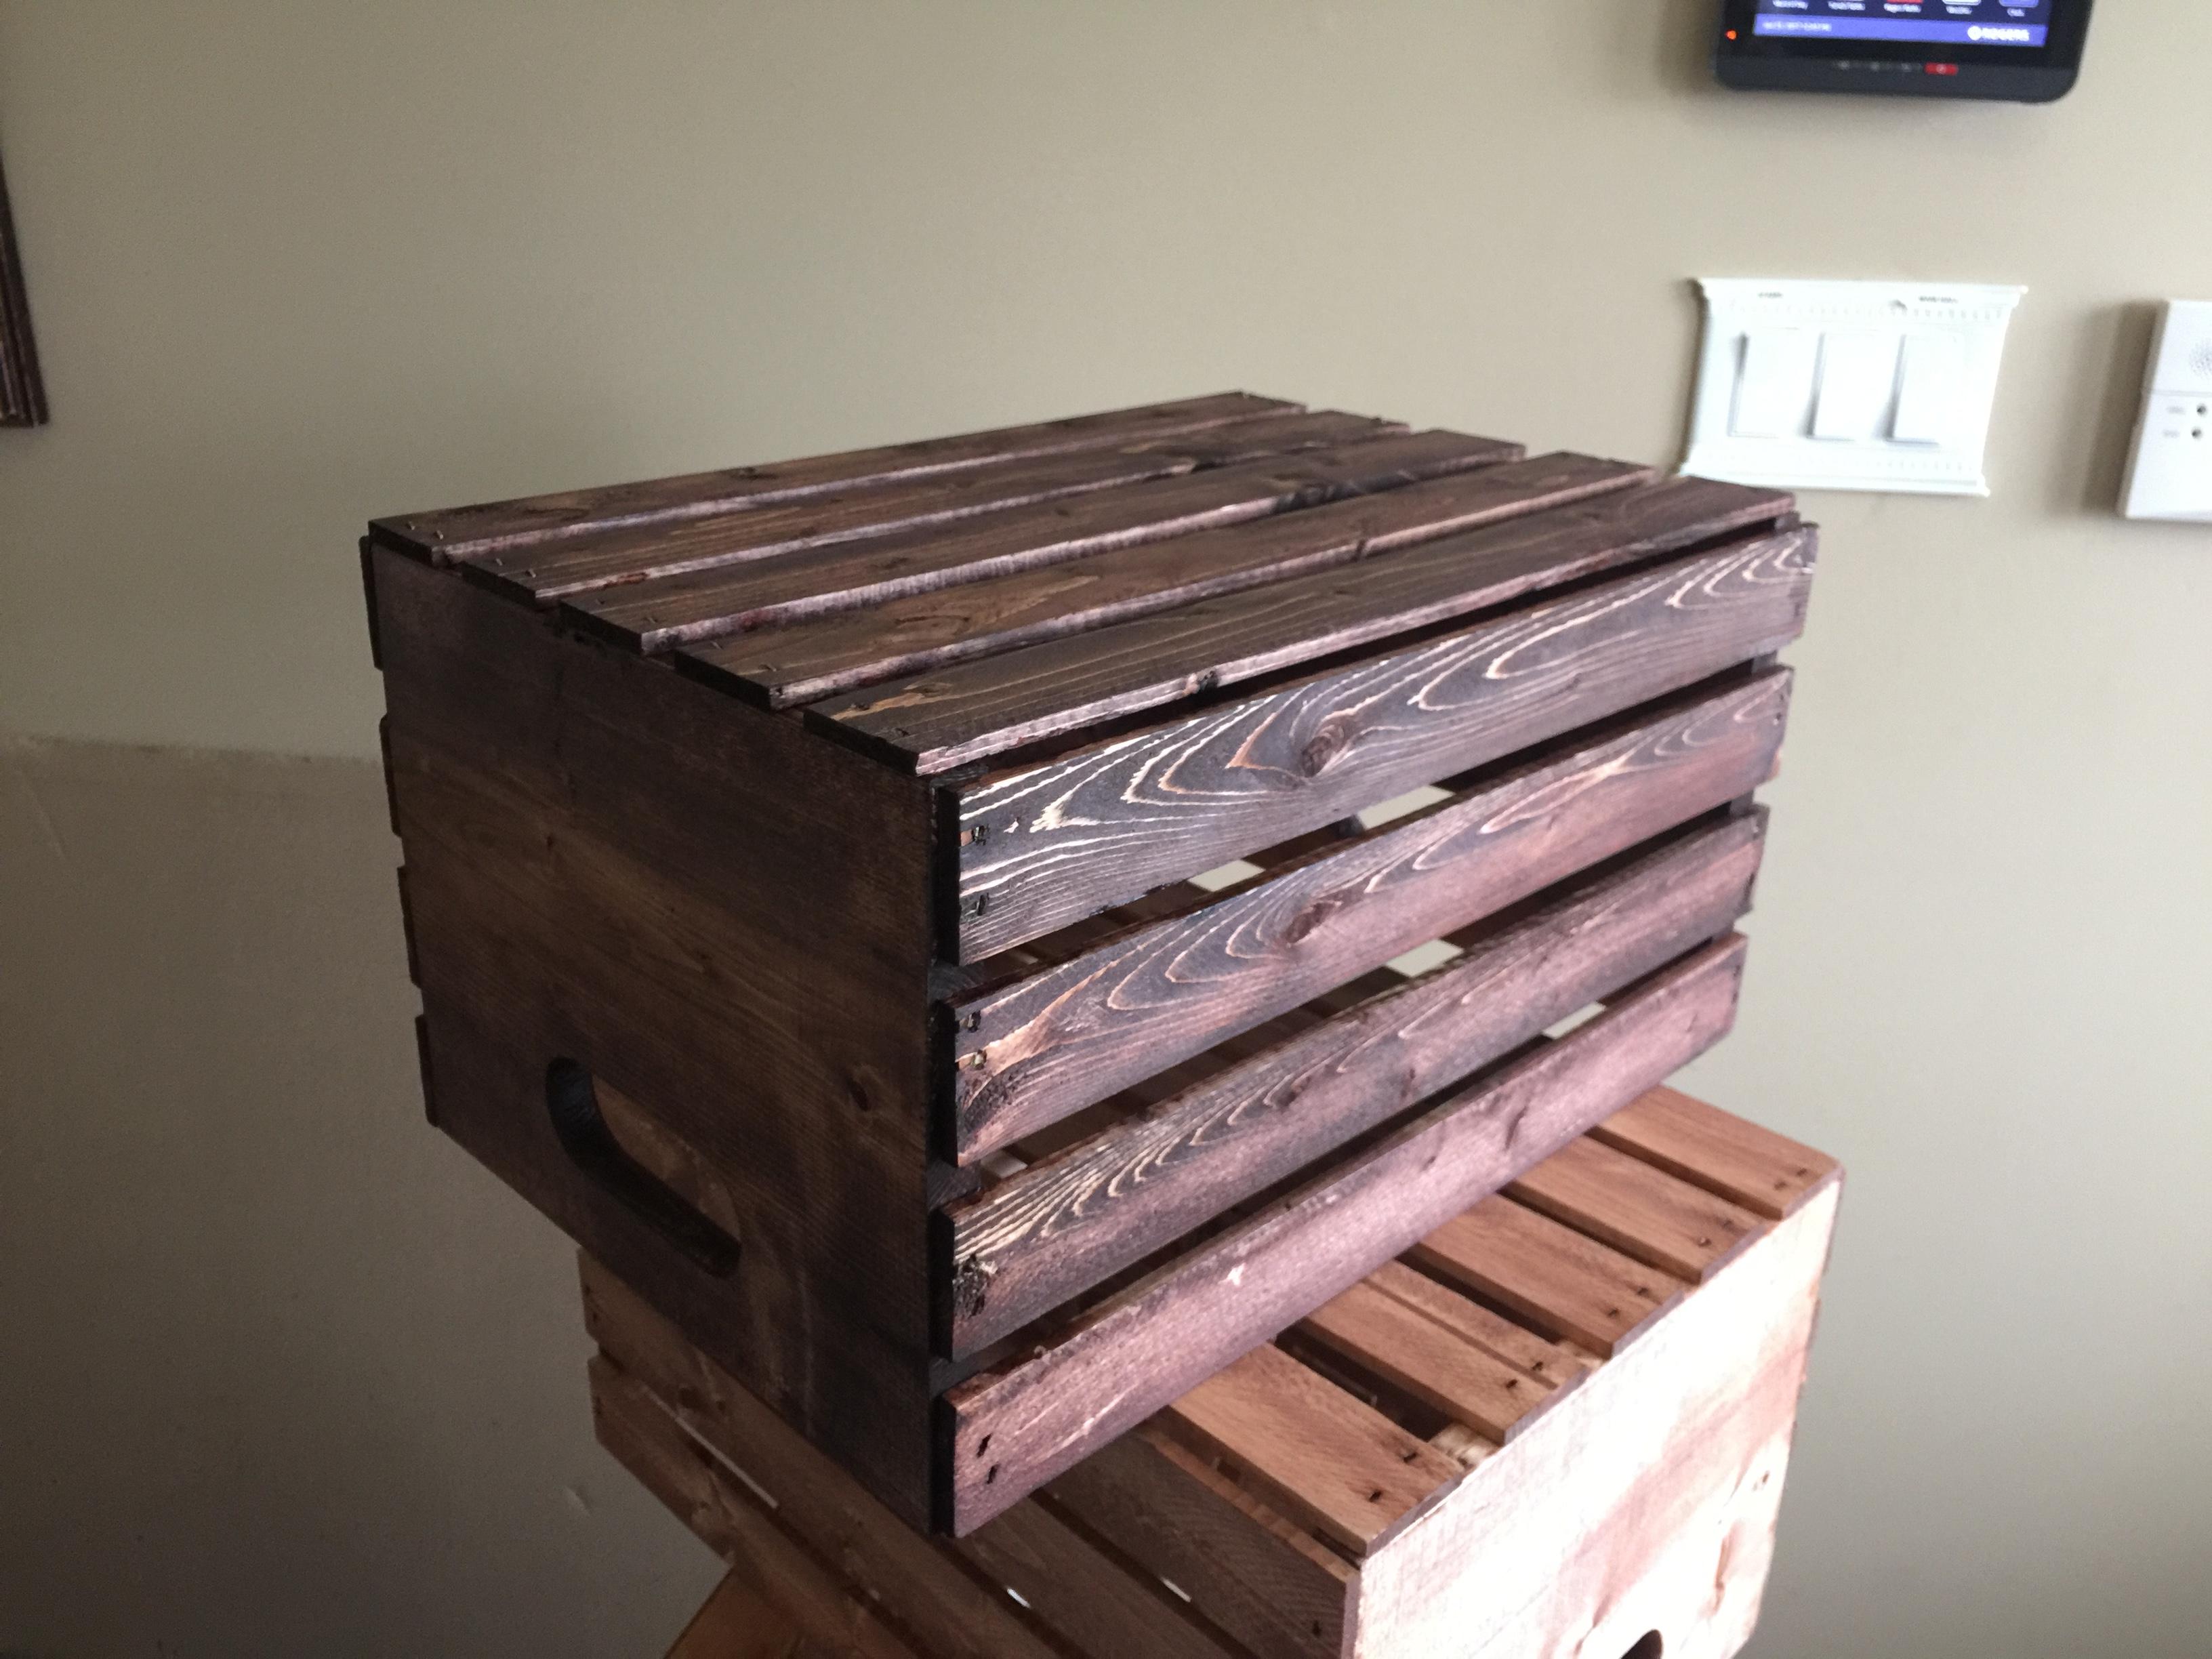 Rose Gold Wooden Crate For Rent | Toronto + GTA | VintageBASH